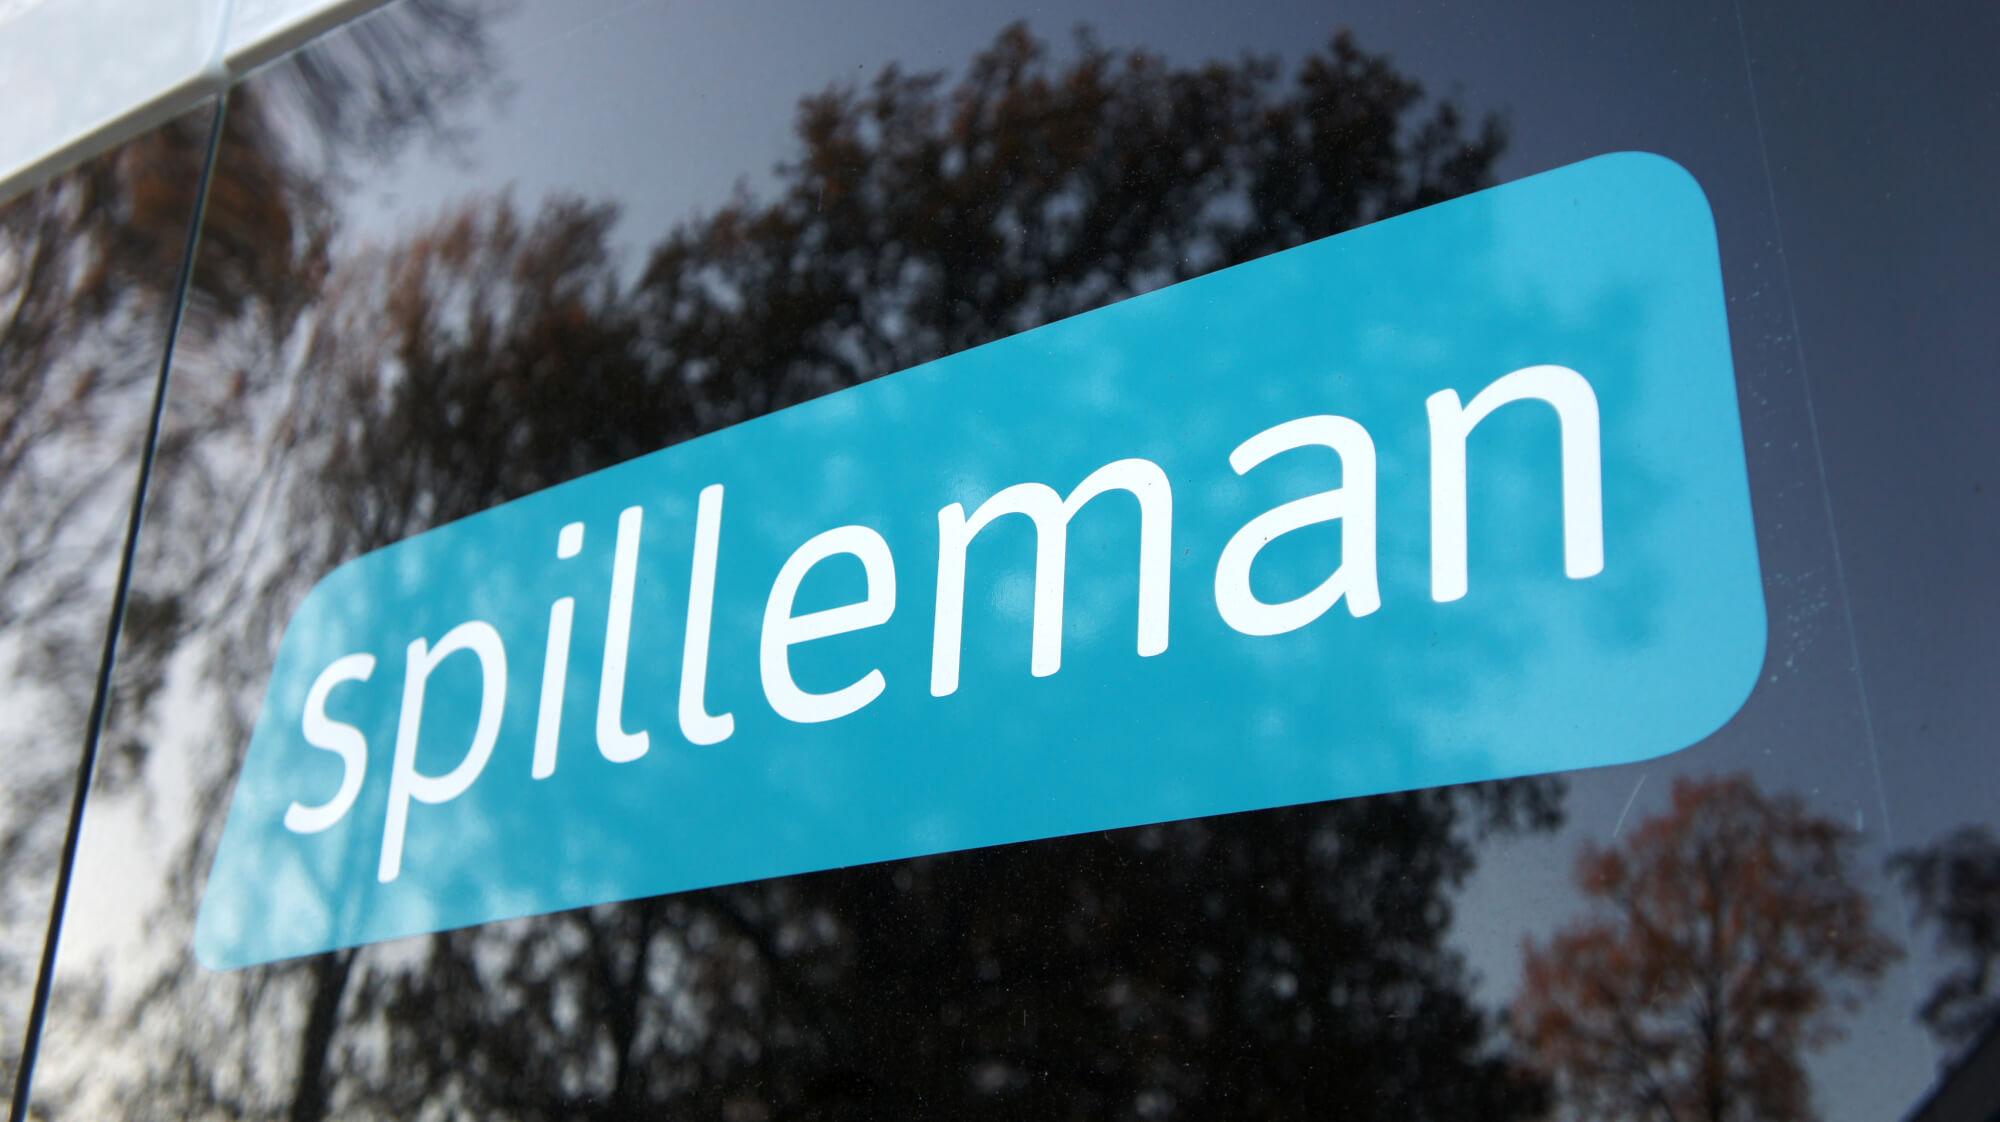 Spilleman logo